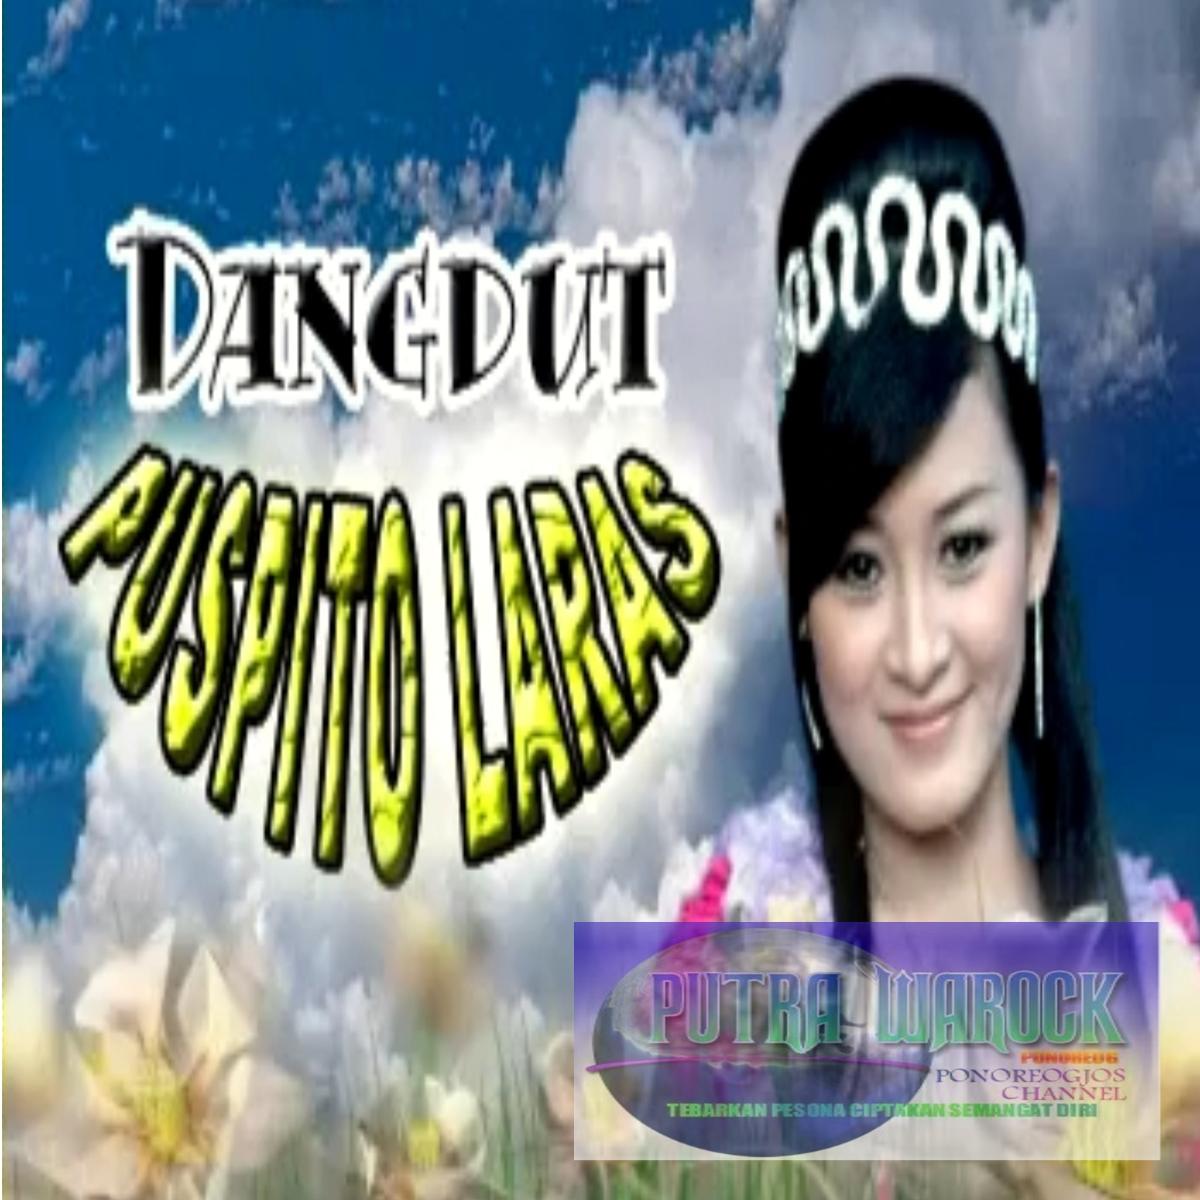 Download Lagu Dangdut Meraih Bintang: Download Lagu Mp3 Dangdut Koplo Sagita Terbaru